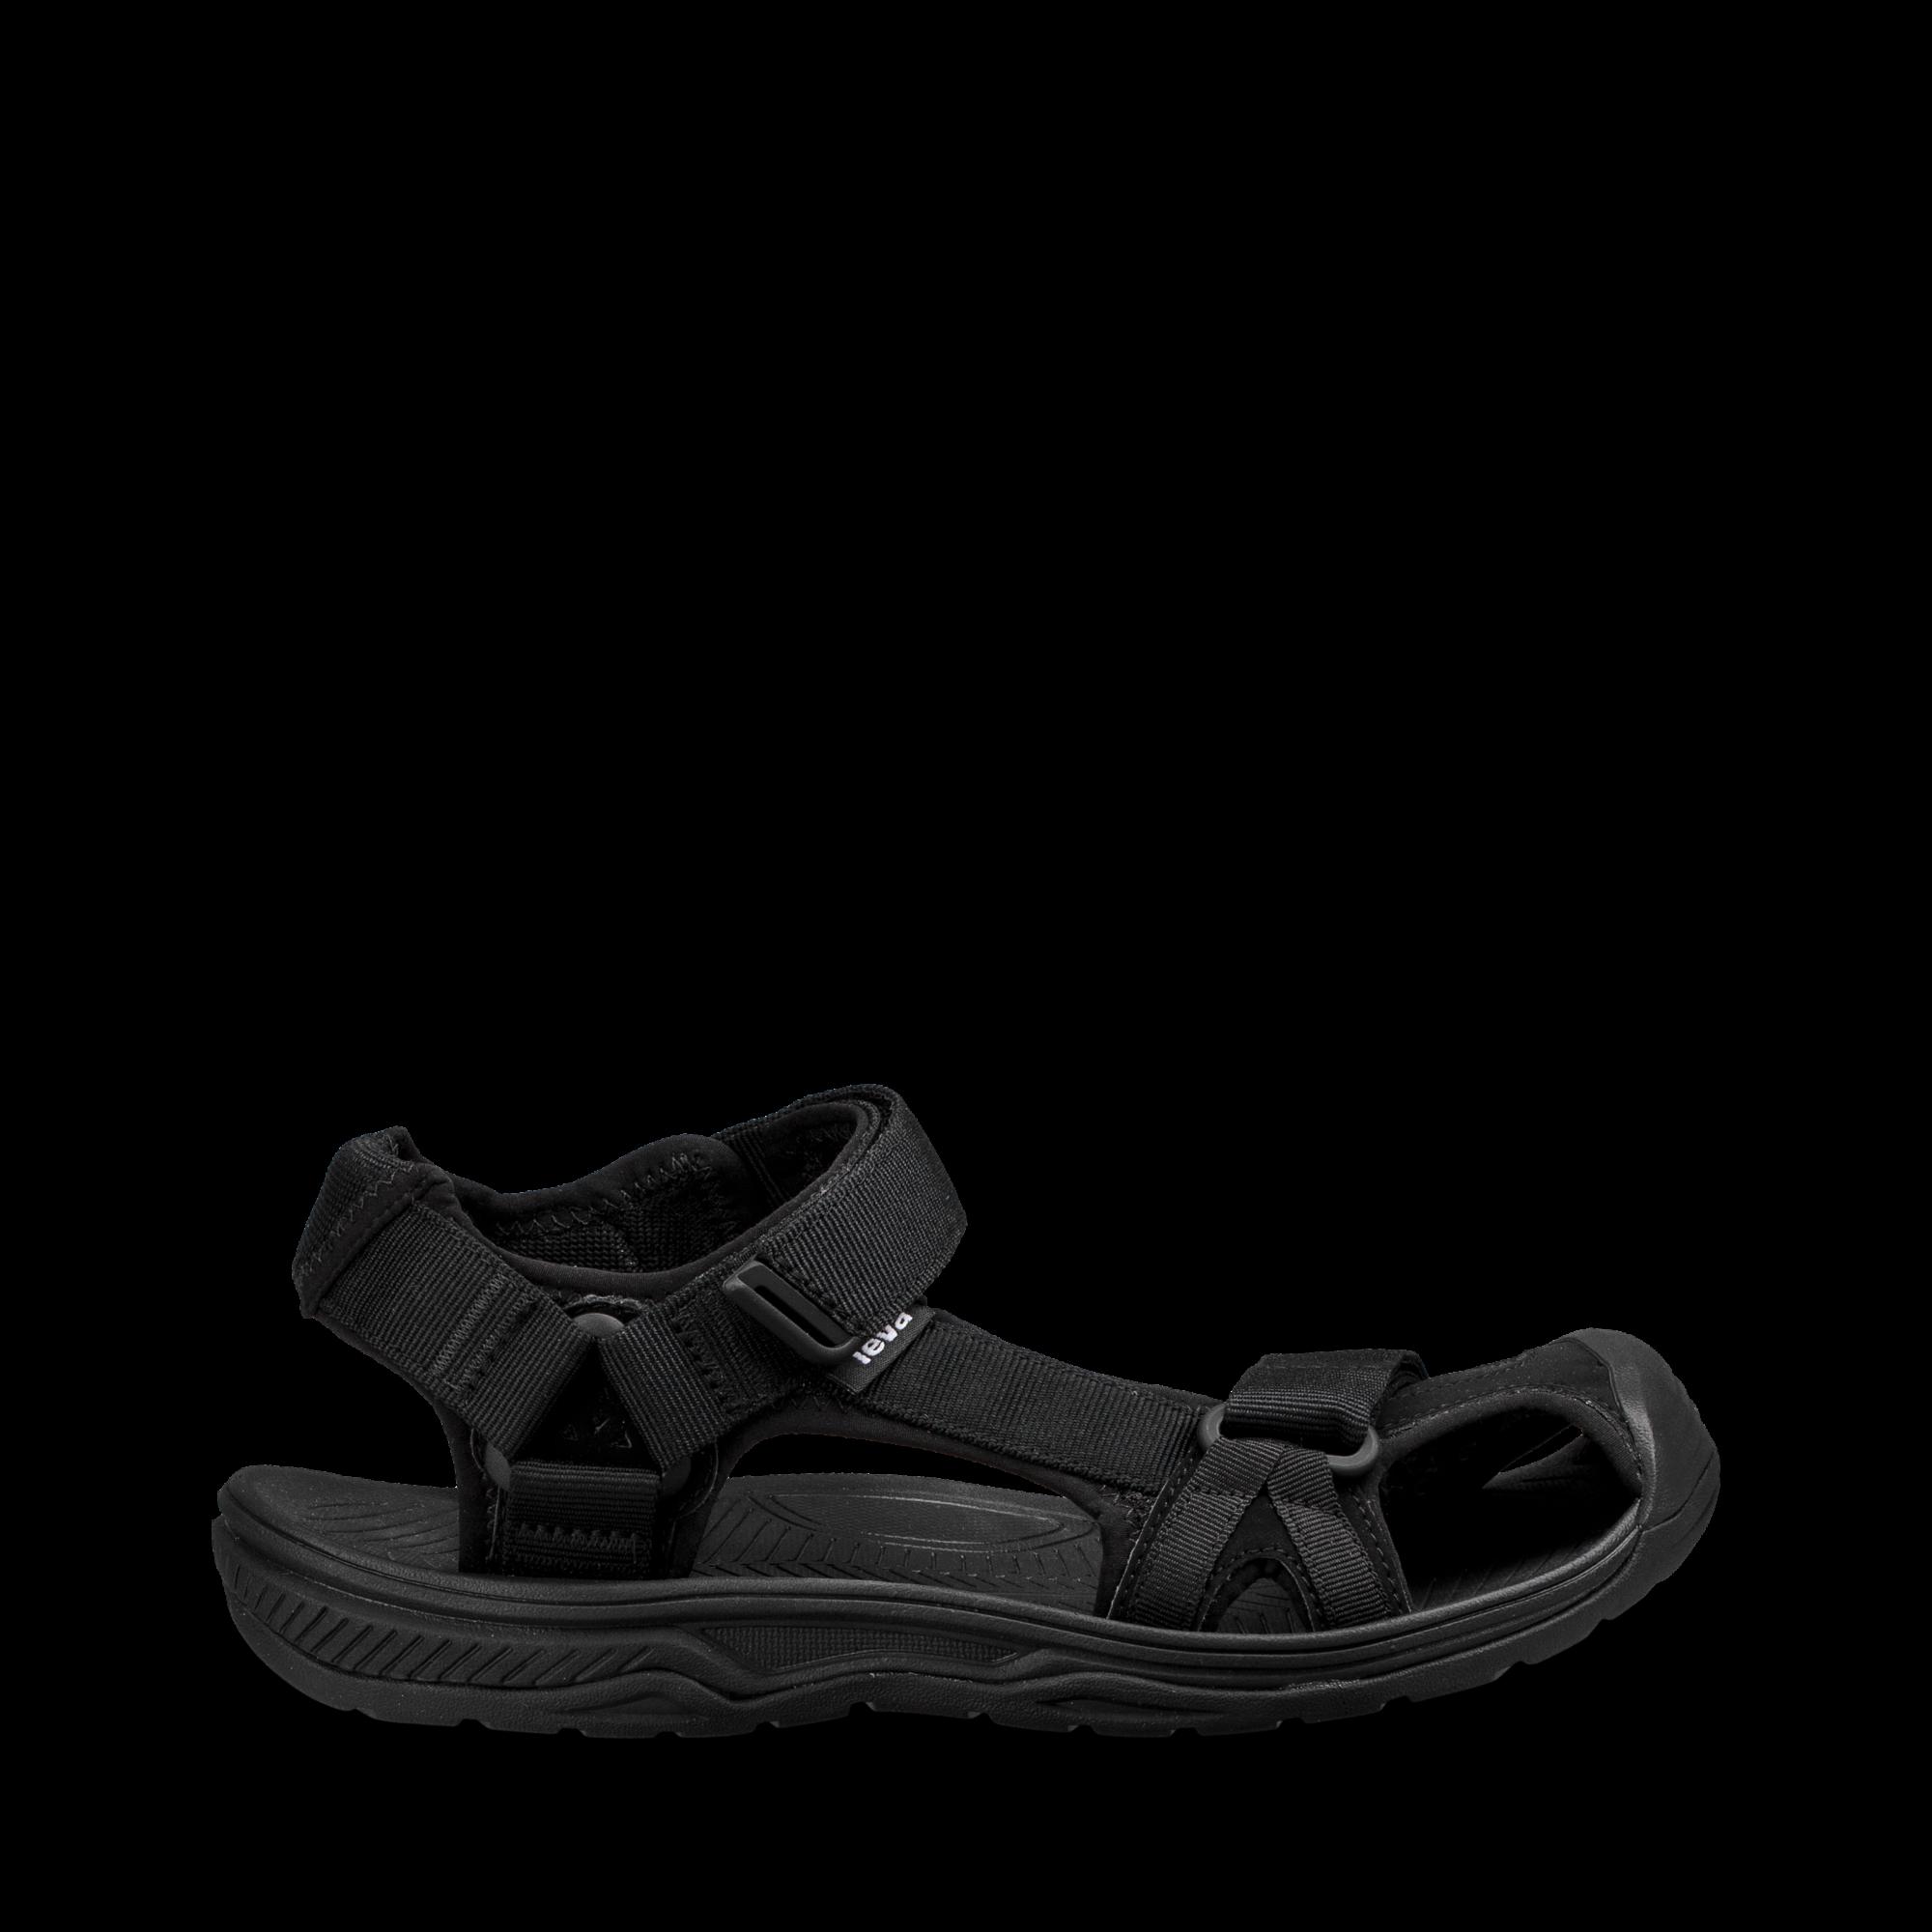 3039b1bd4cd0 Pánské sandály Teva